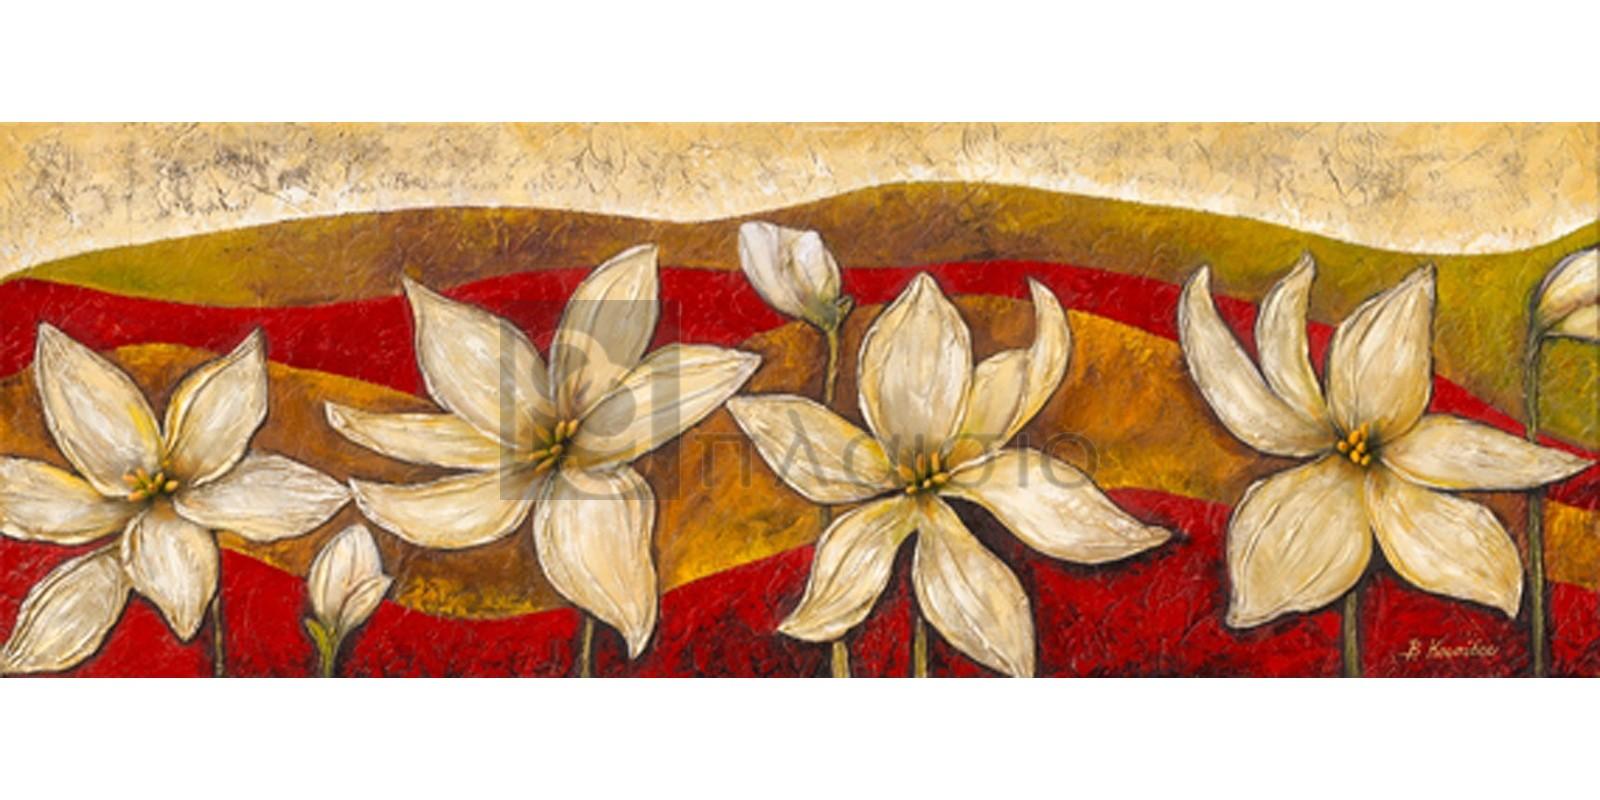 Βαλέρια Κουσίδου - Λίλιουμ